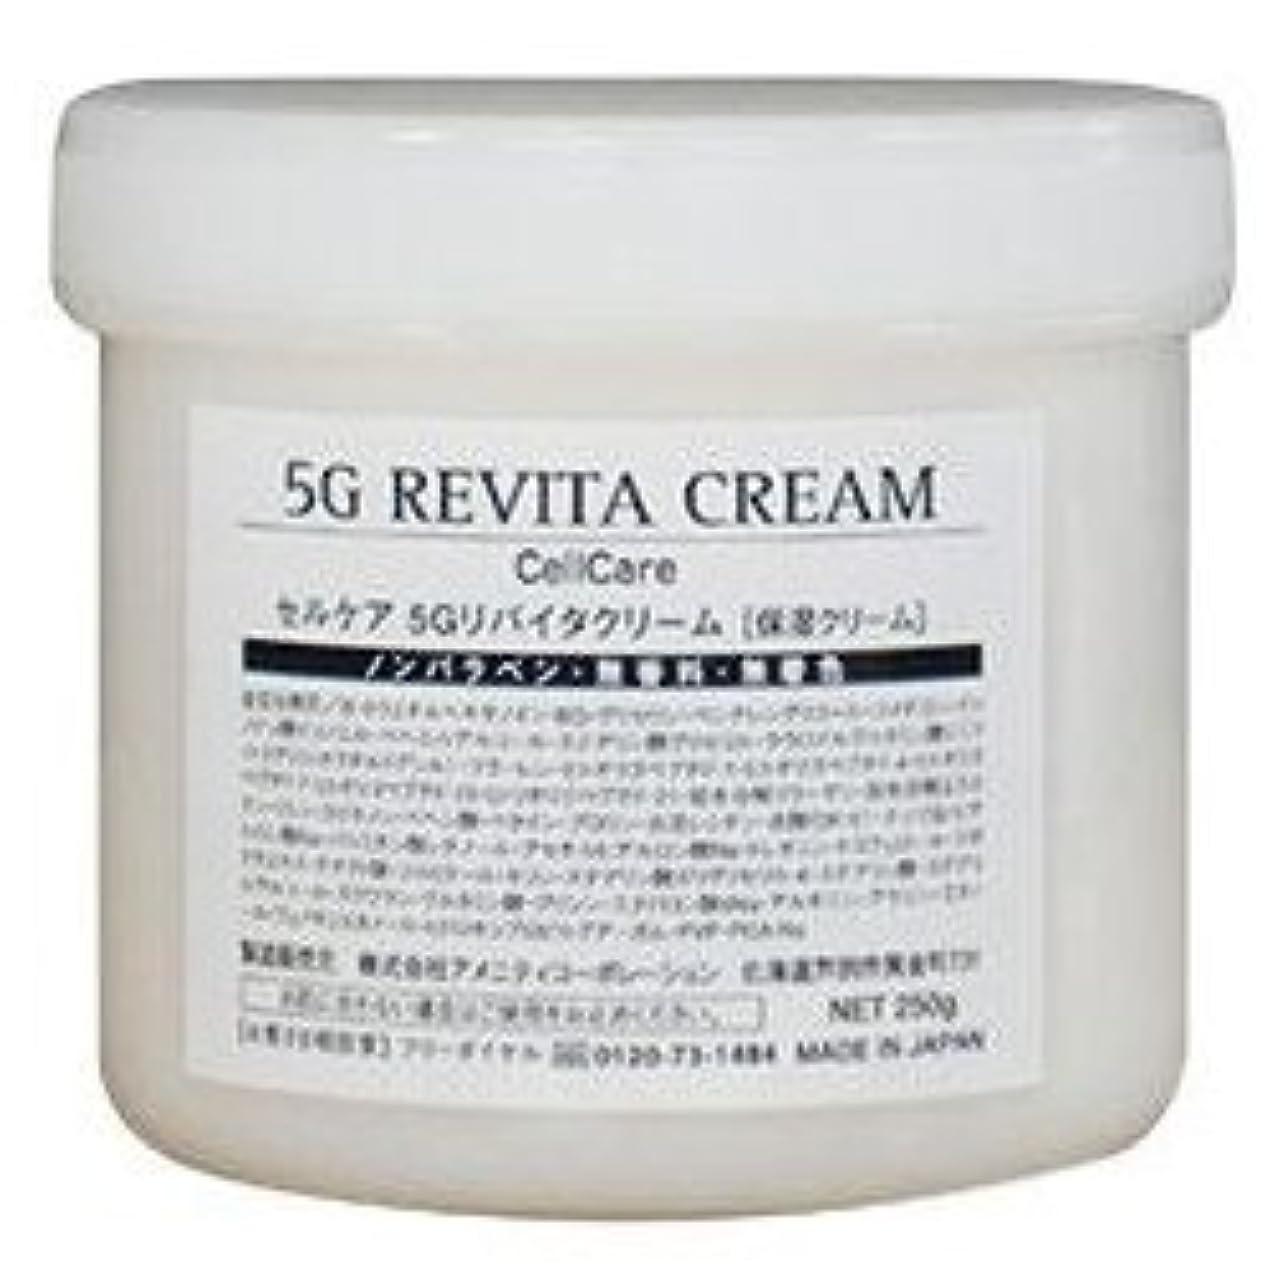 。屋内でオーバーランセルケアGF プレミアム 5Gリバイタルクリーム 保湿クリーム お徳用250g